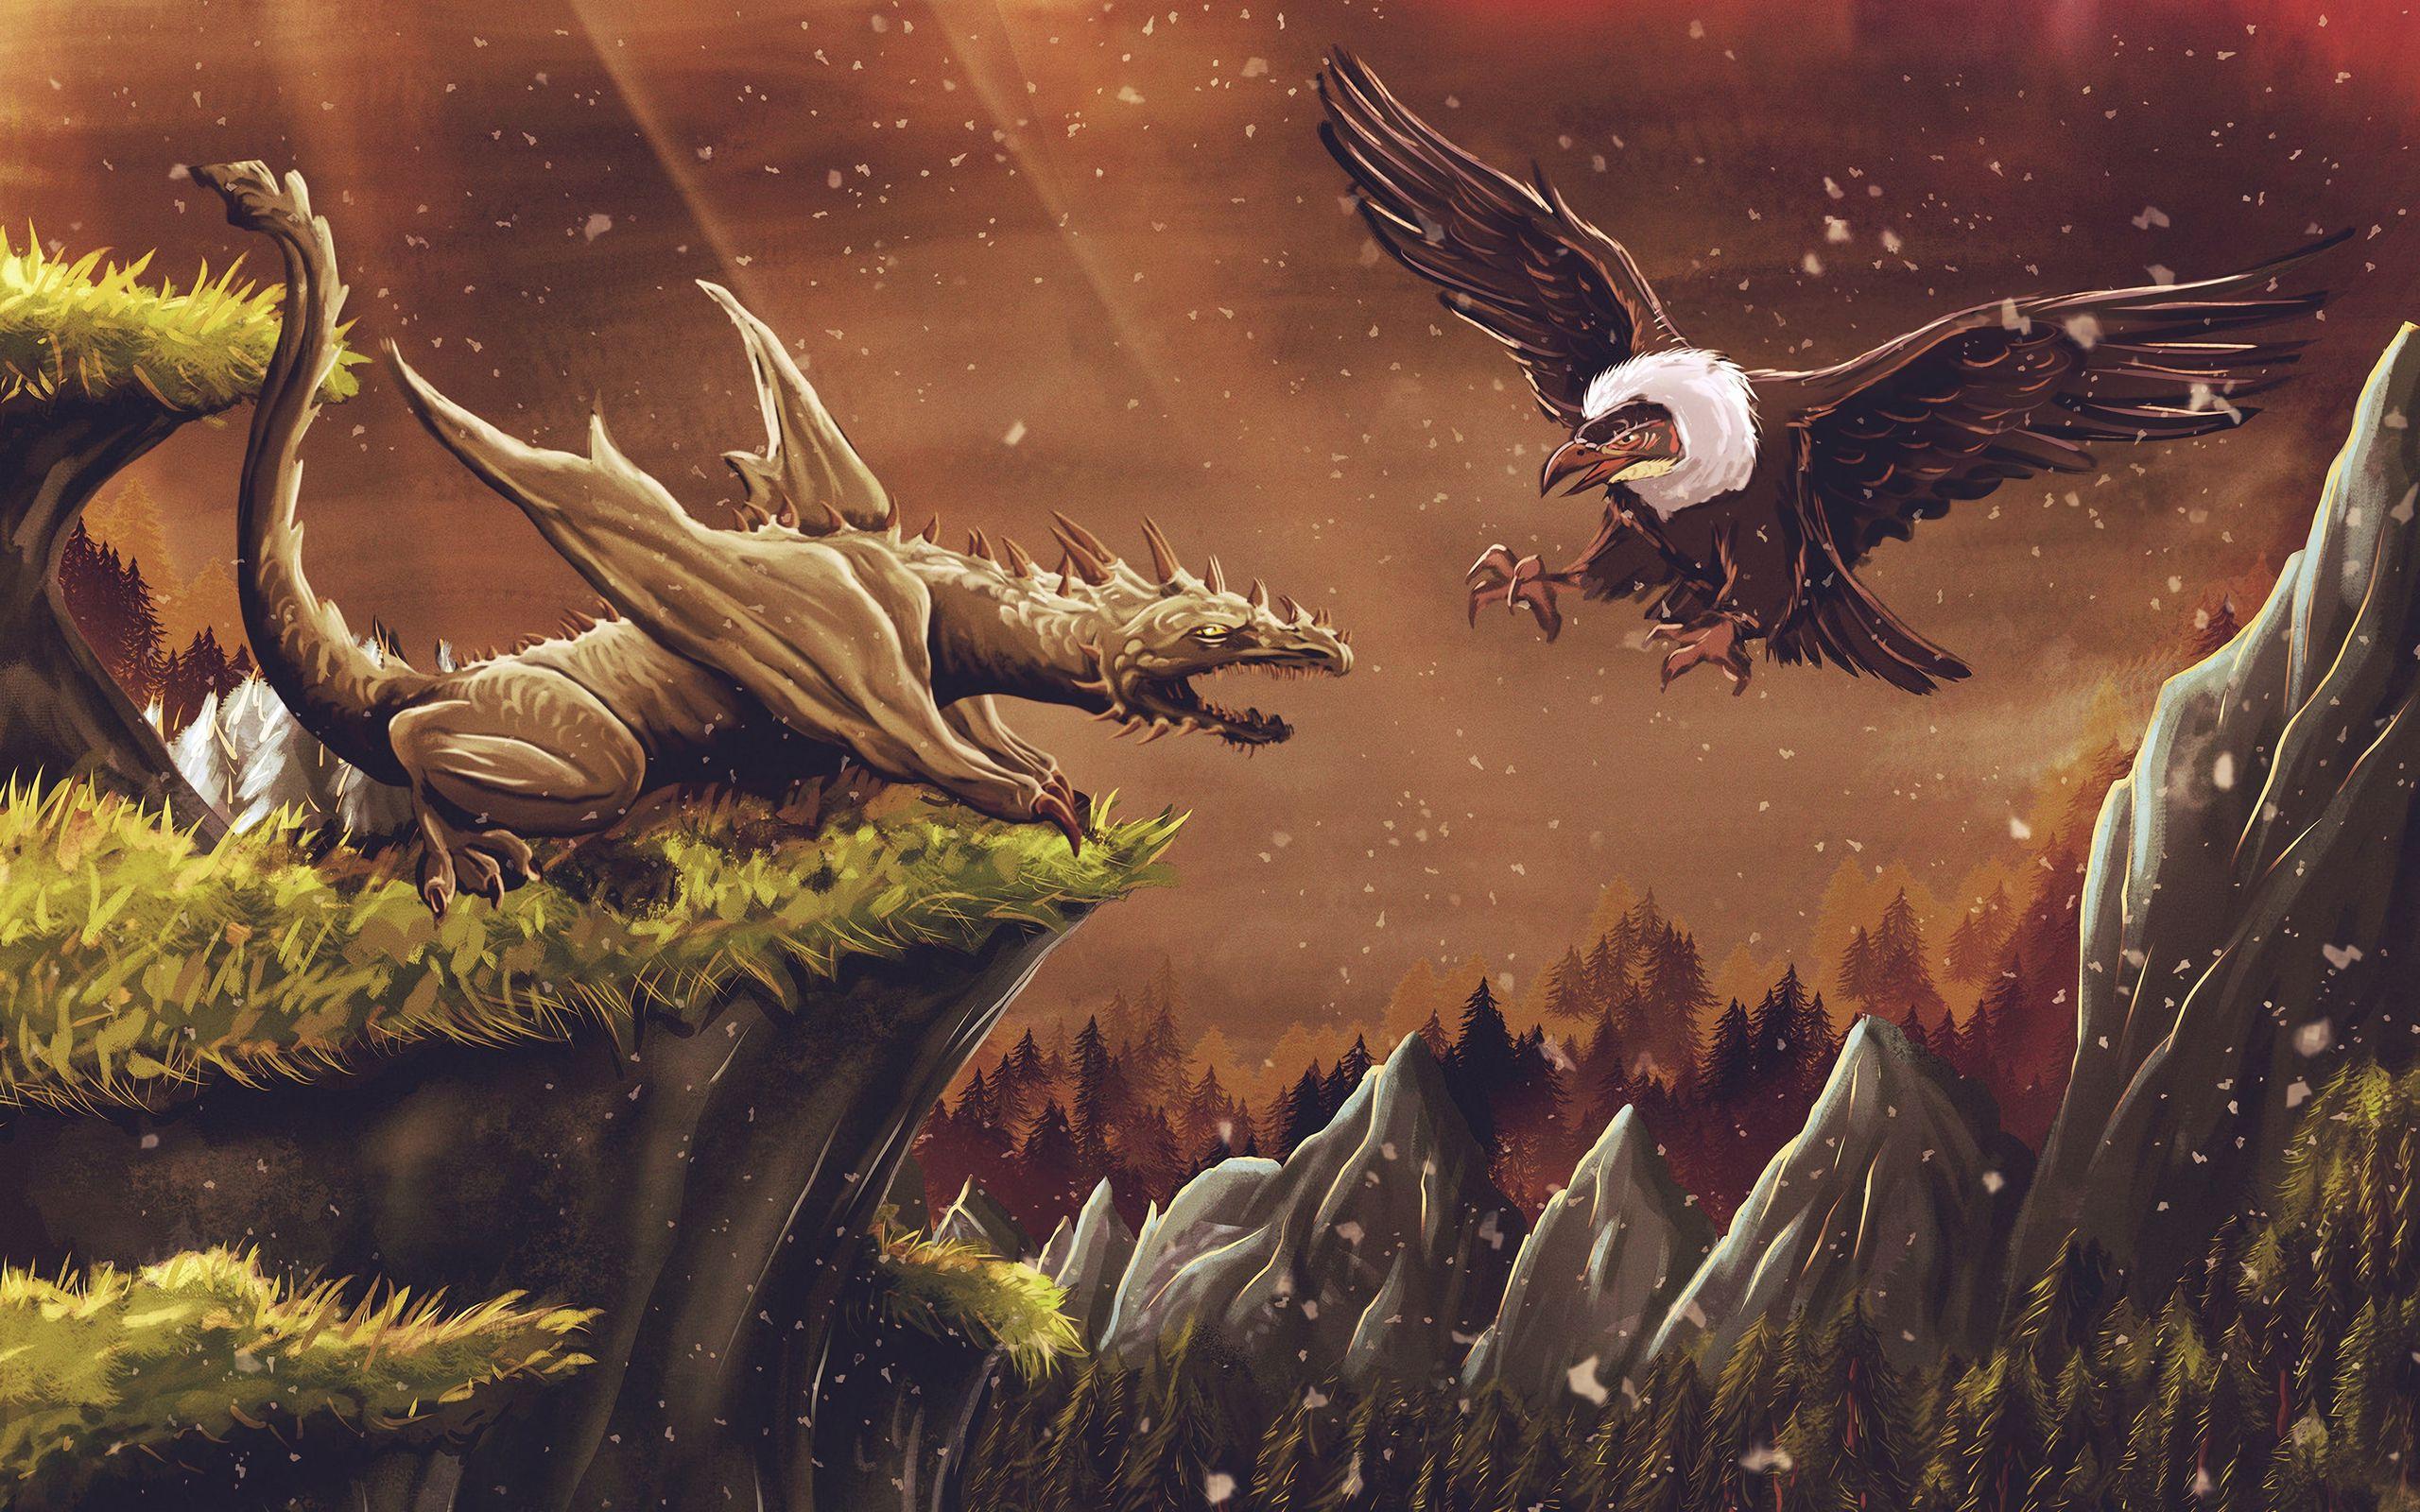 2560x1600 Wallpaper dragon, vulture, bird, art, fiction